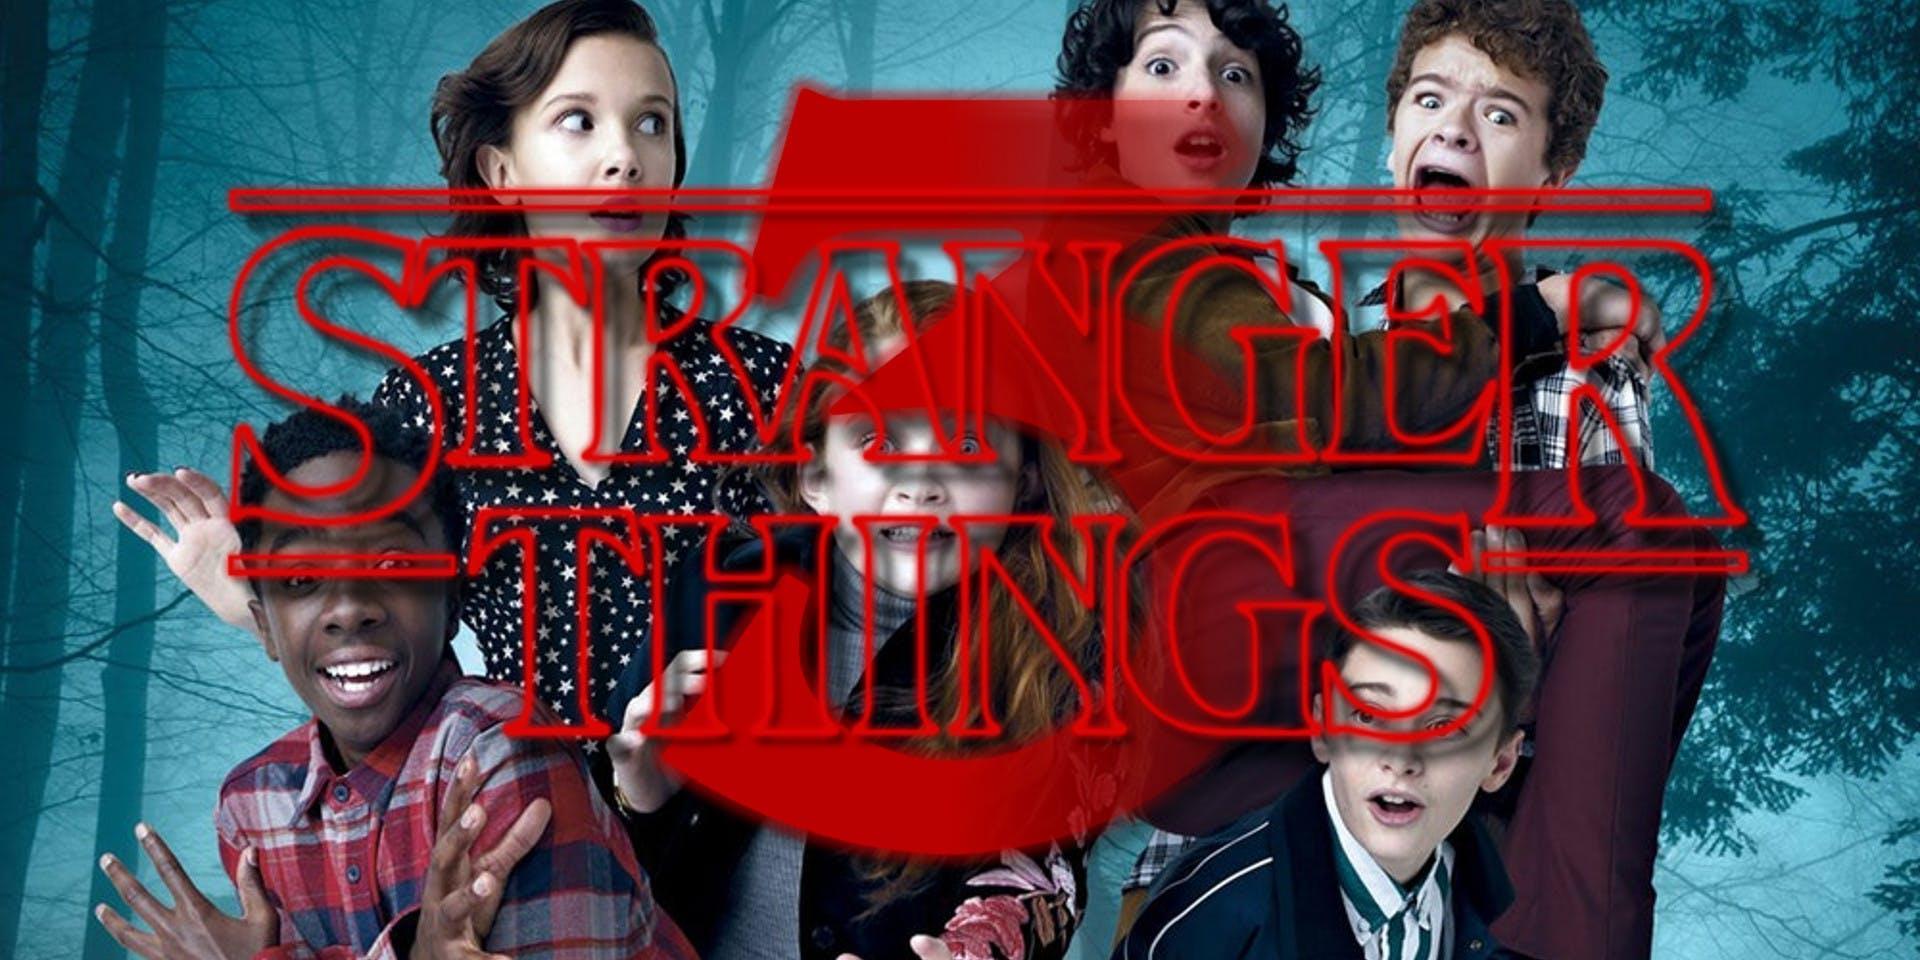 Itt vannak az első fotók a Stranger Things forgatásáról